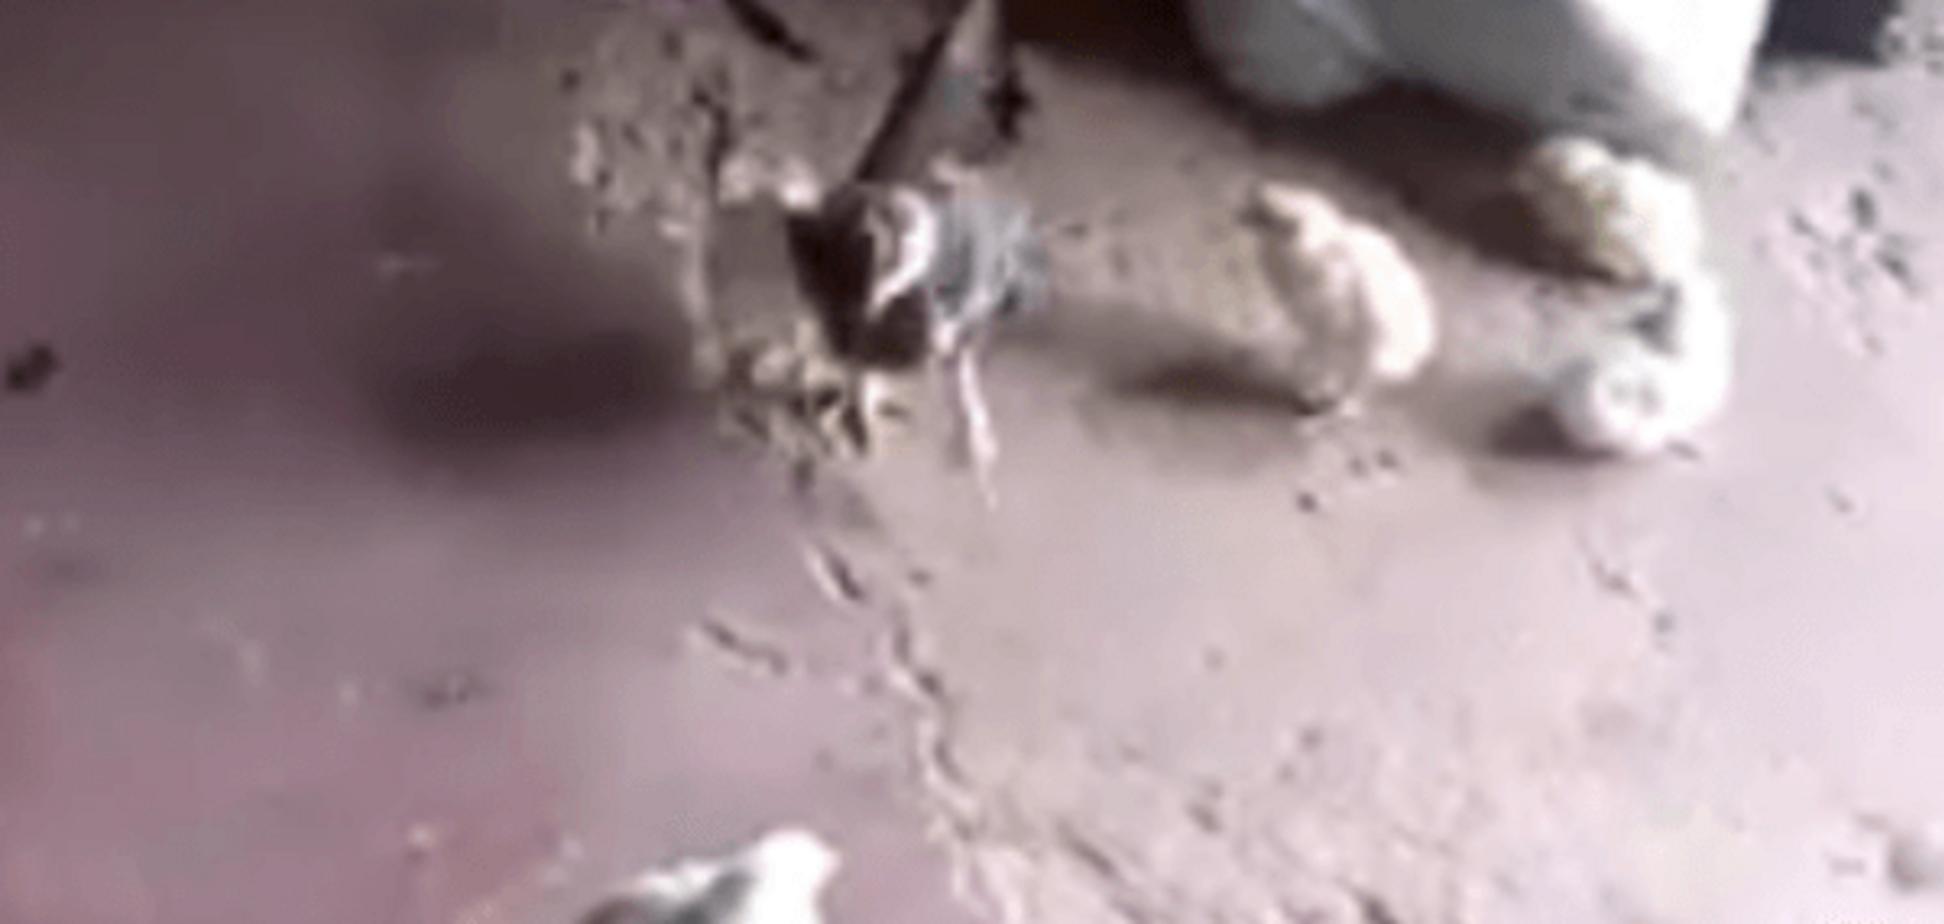 Так стають справжніми воїнами: відео із зухвалим курчам підірвало мережу